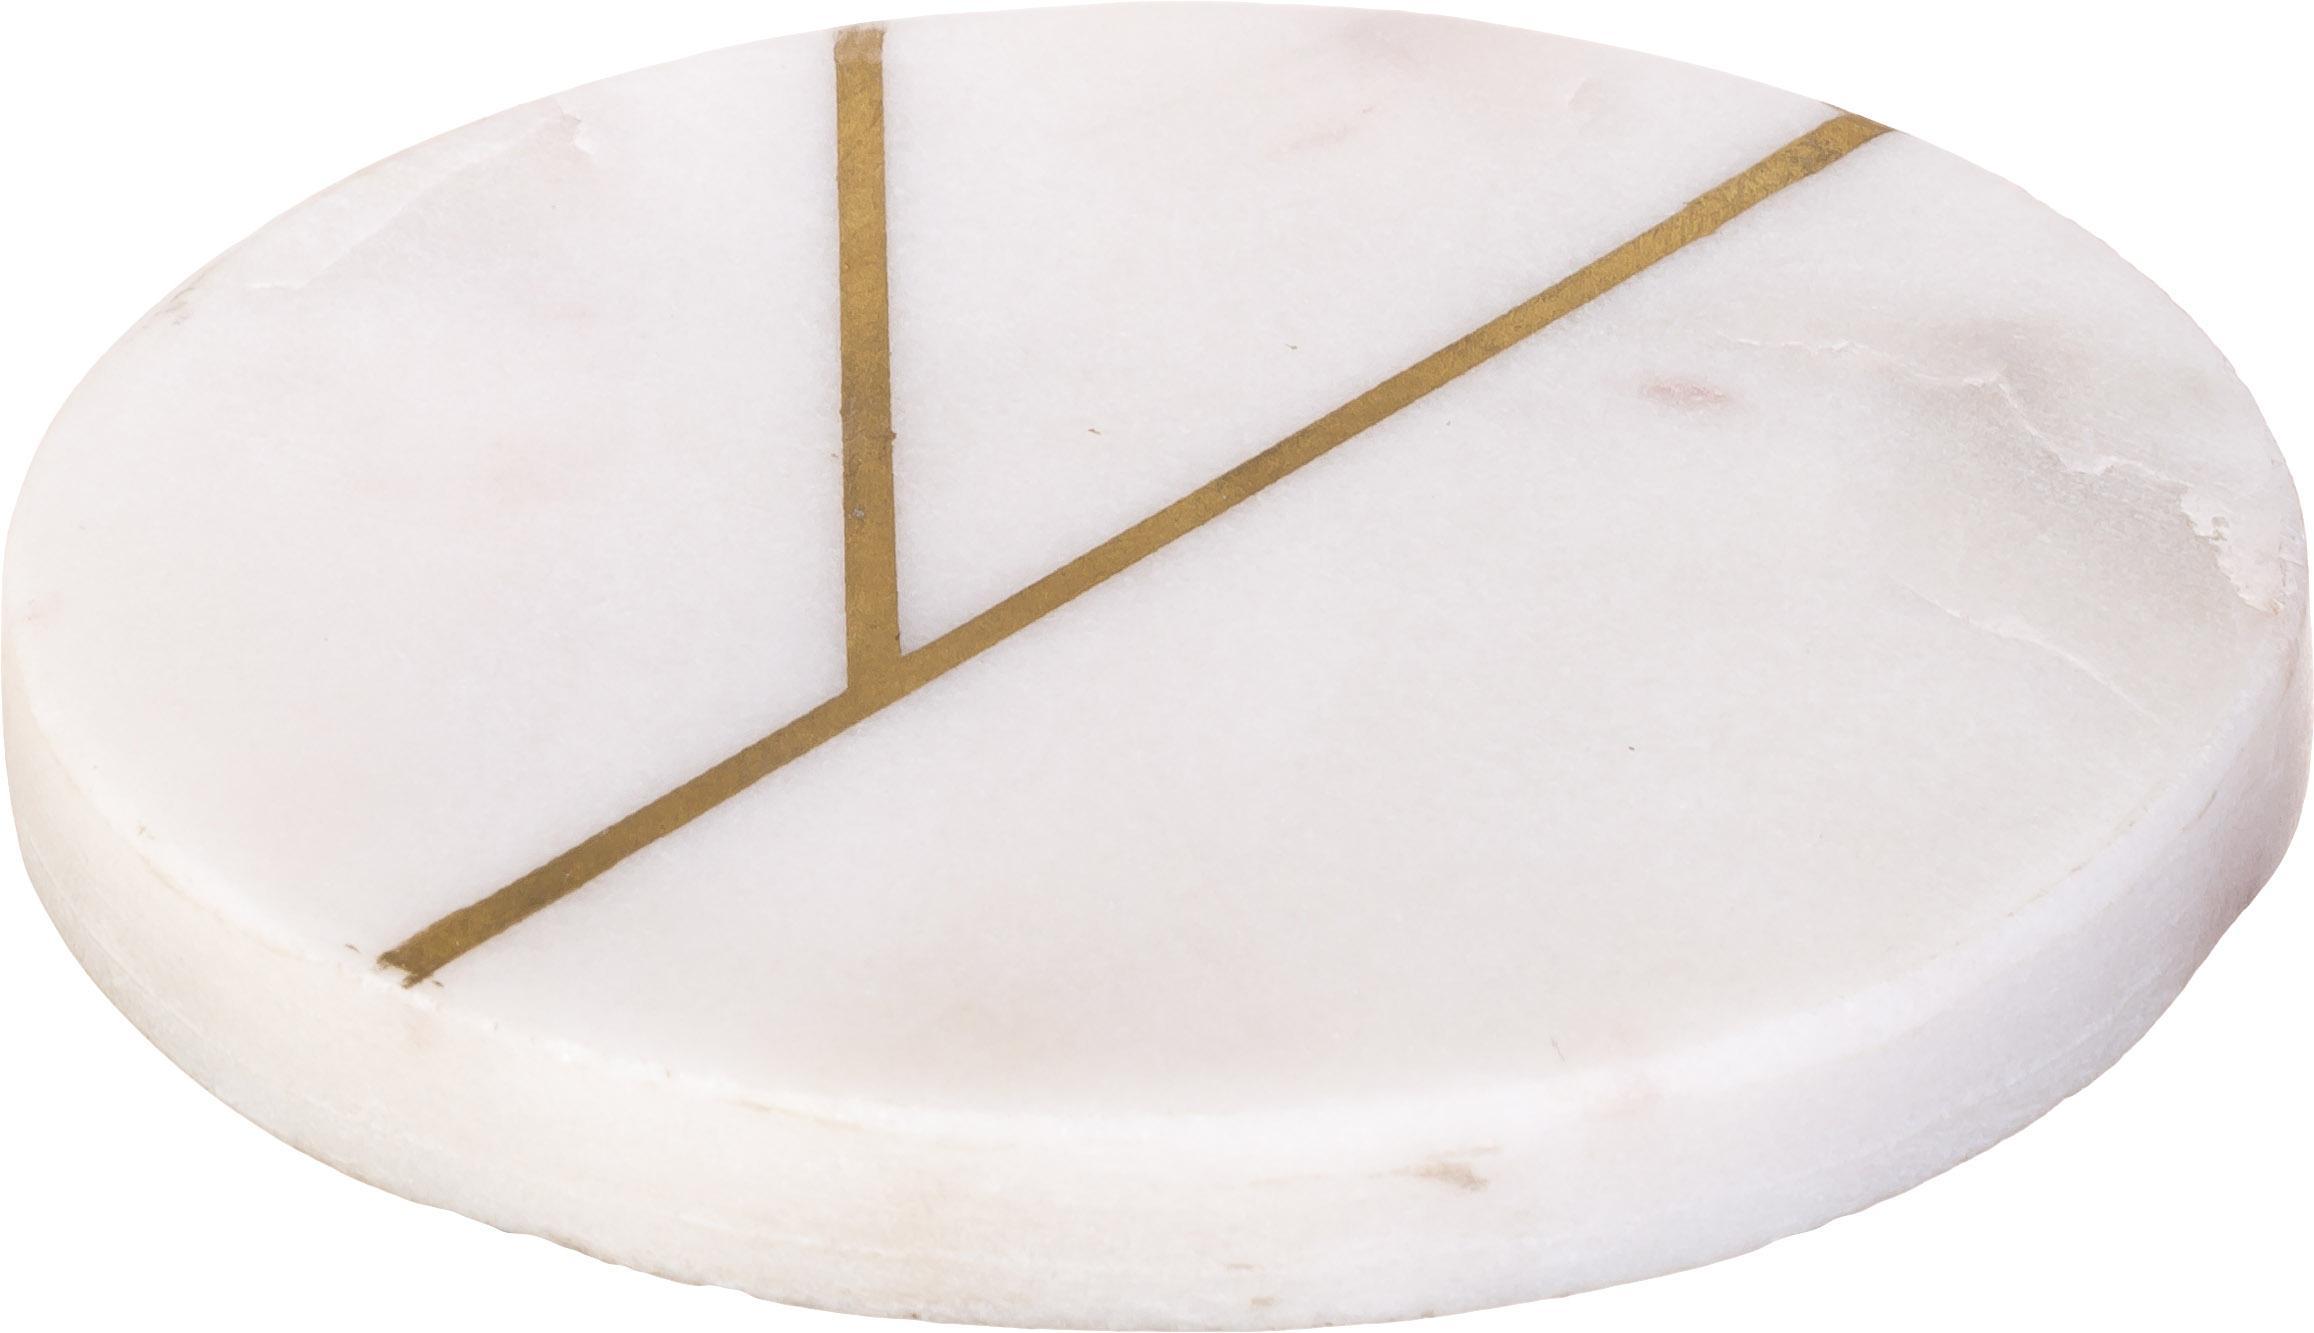 Podstawka z marmuru Marek, 4 szt., Marmur, Biały marmurowy, odcienie złotego, Ø 10 x W 1 cm